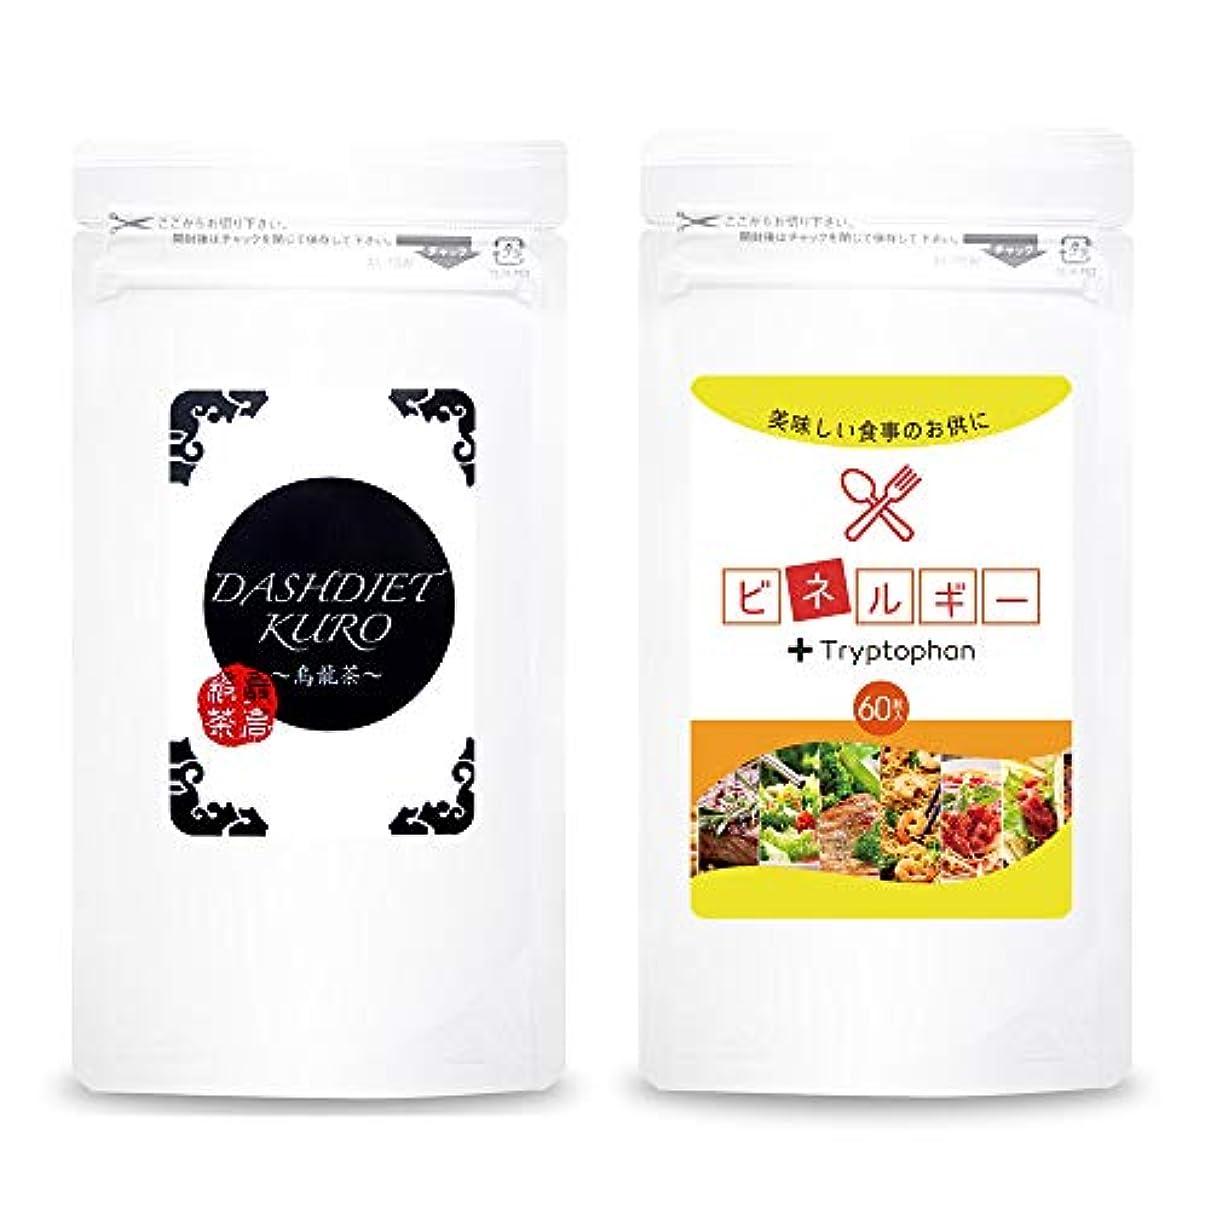 可動式ドメイン絶え間ないビネルギー & DASHDIET-KURO烏龍茶 燃焼系 サプリメントセット 寝ている間に ダイエット